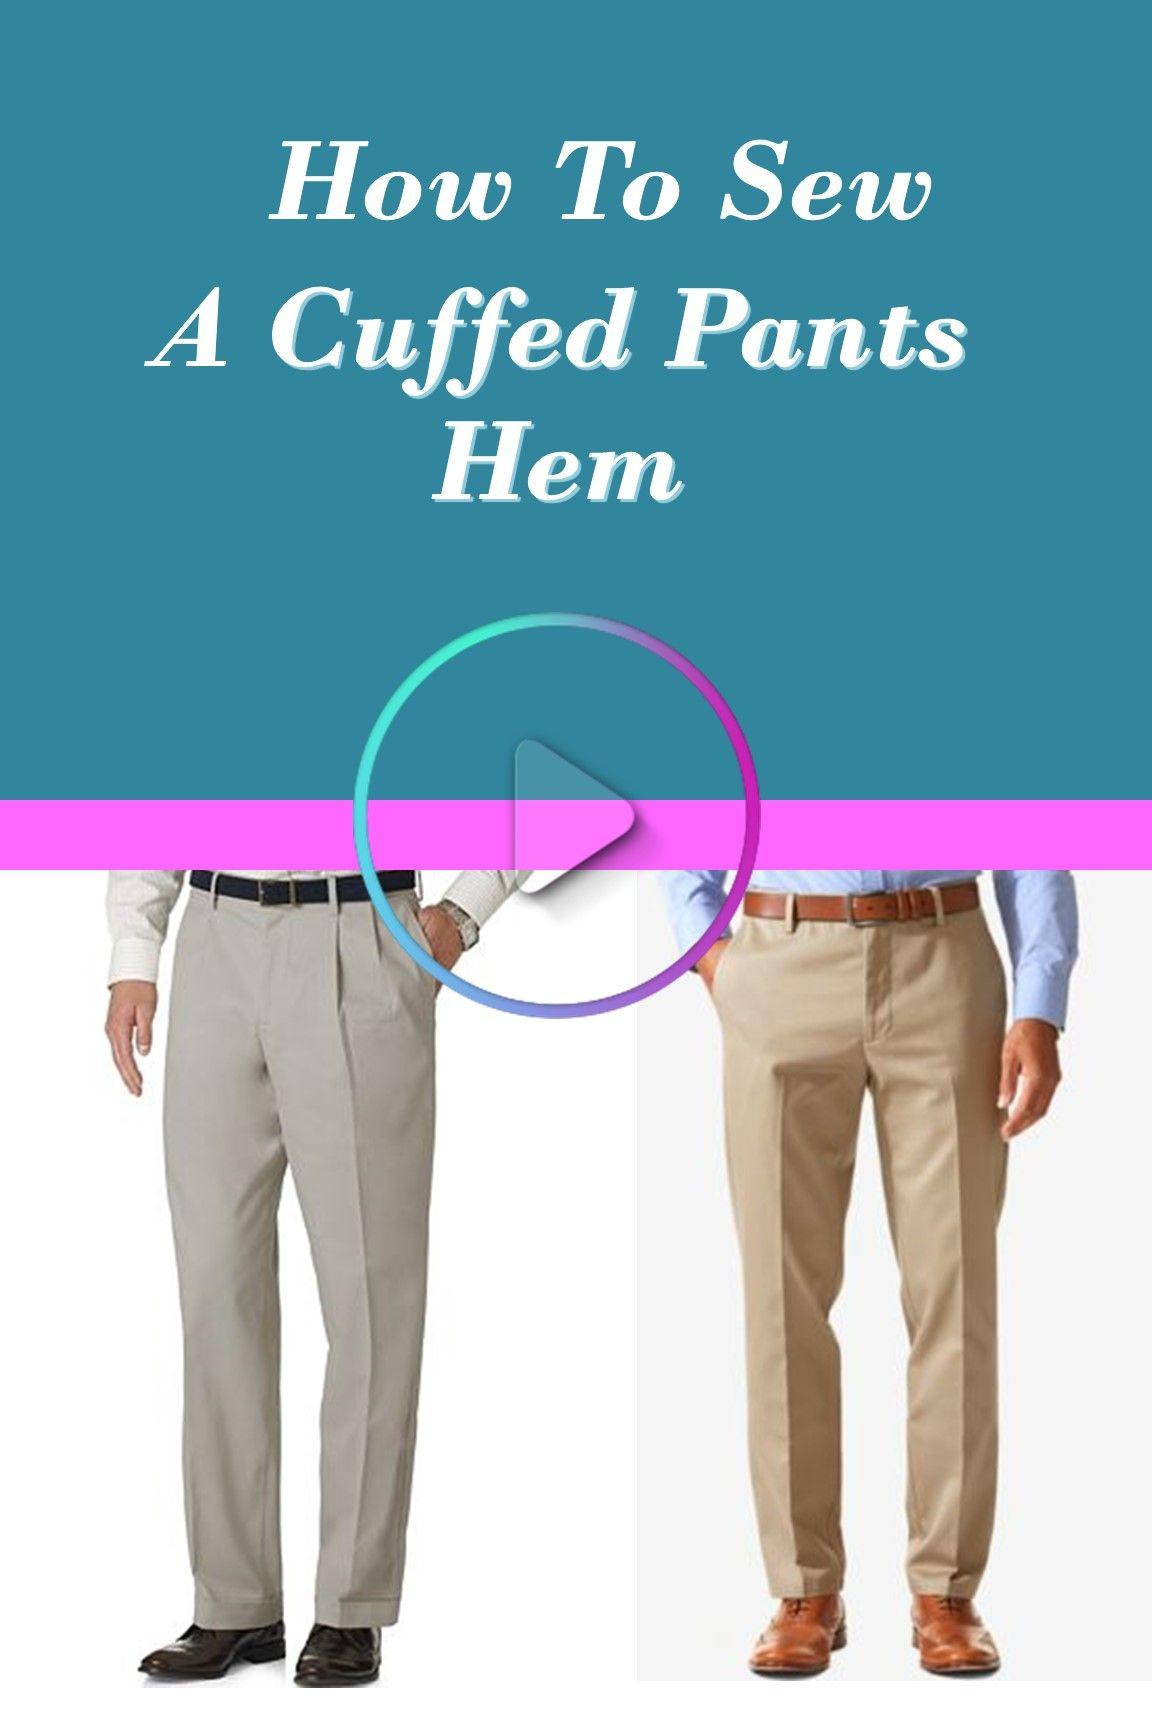 How To Hem Pants With A Cuff Cuff Pants Like A Pro Pants Hem Cuff Cuffedhem Cuffed Pants How To Hem Pants Pants